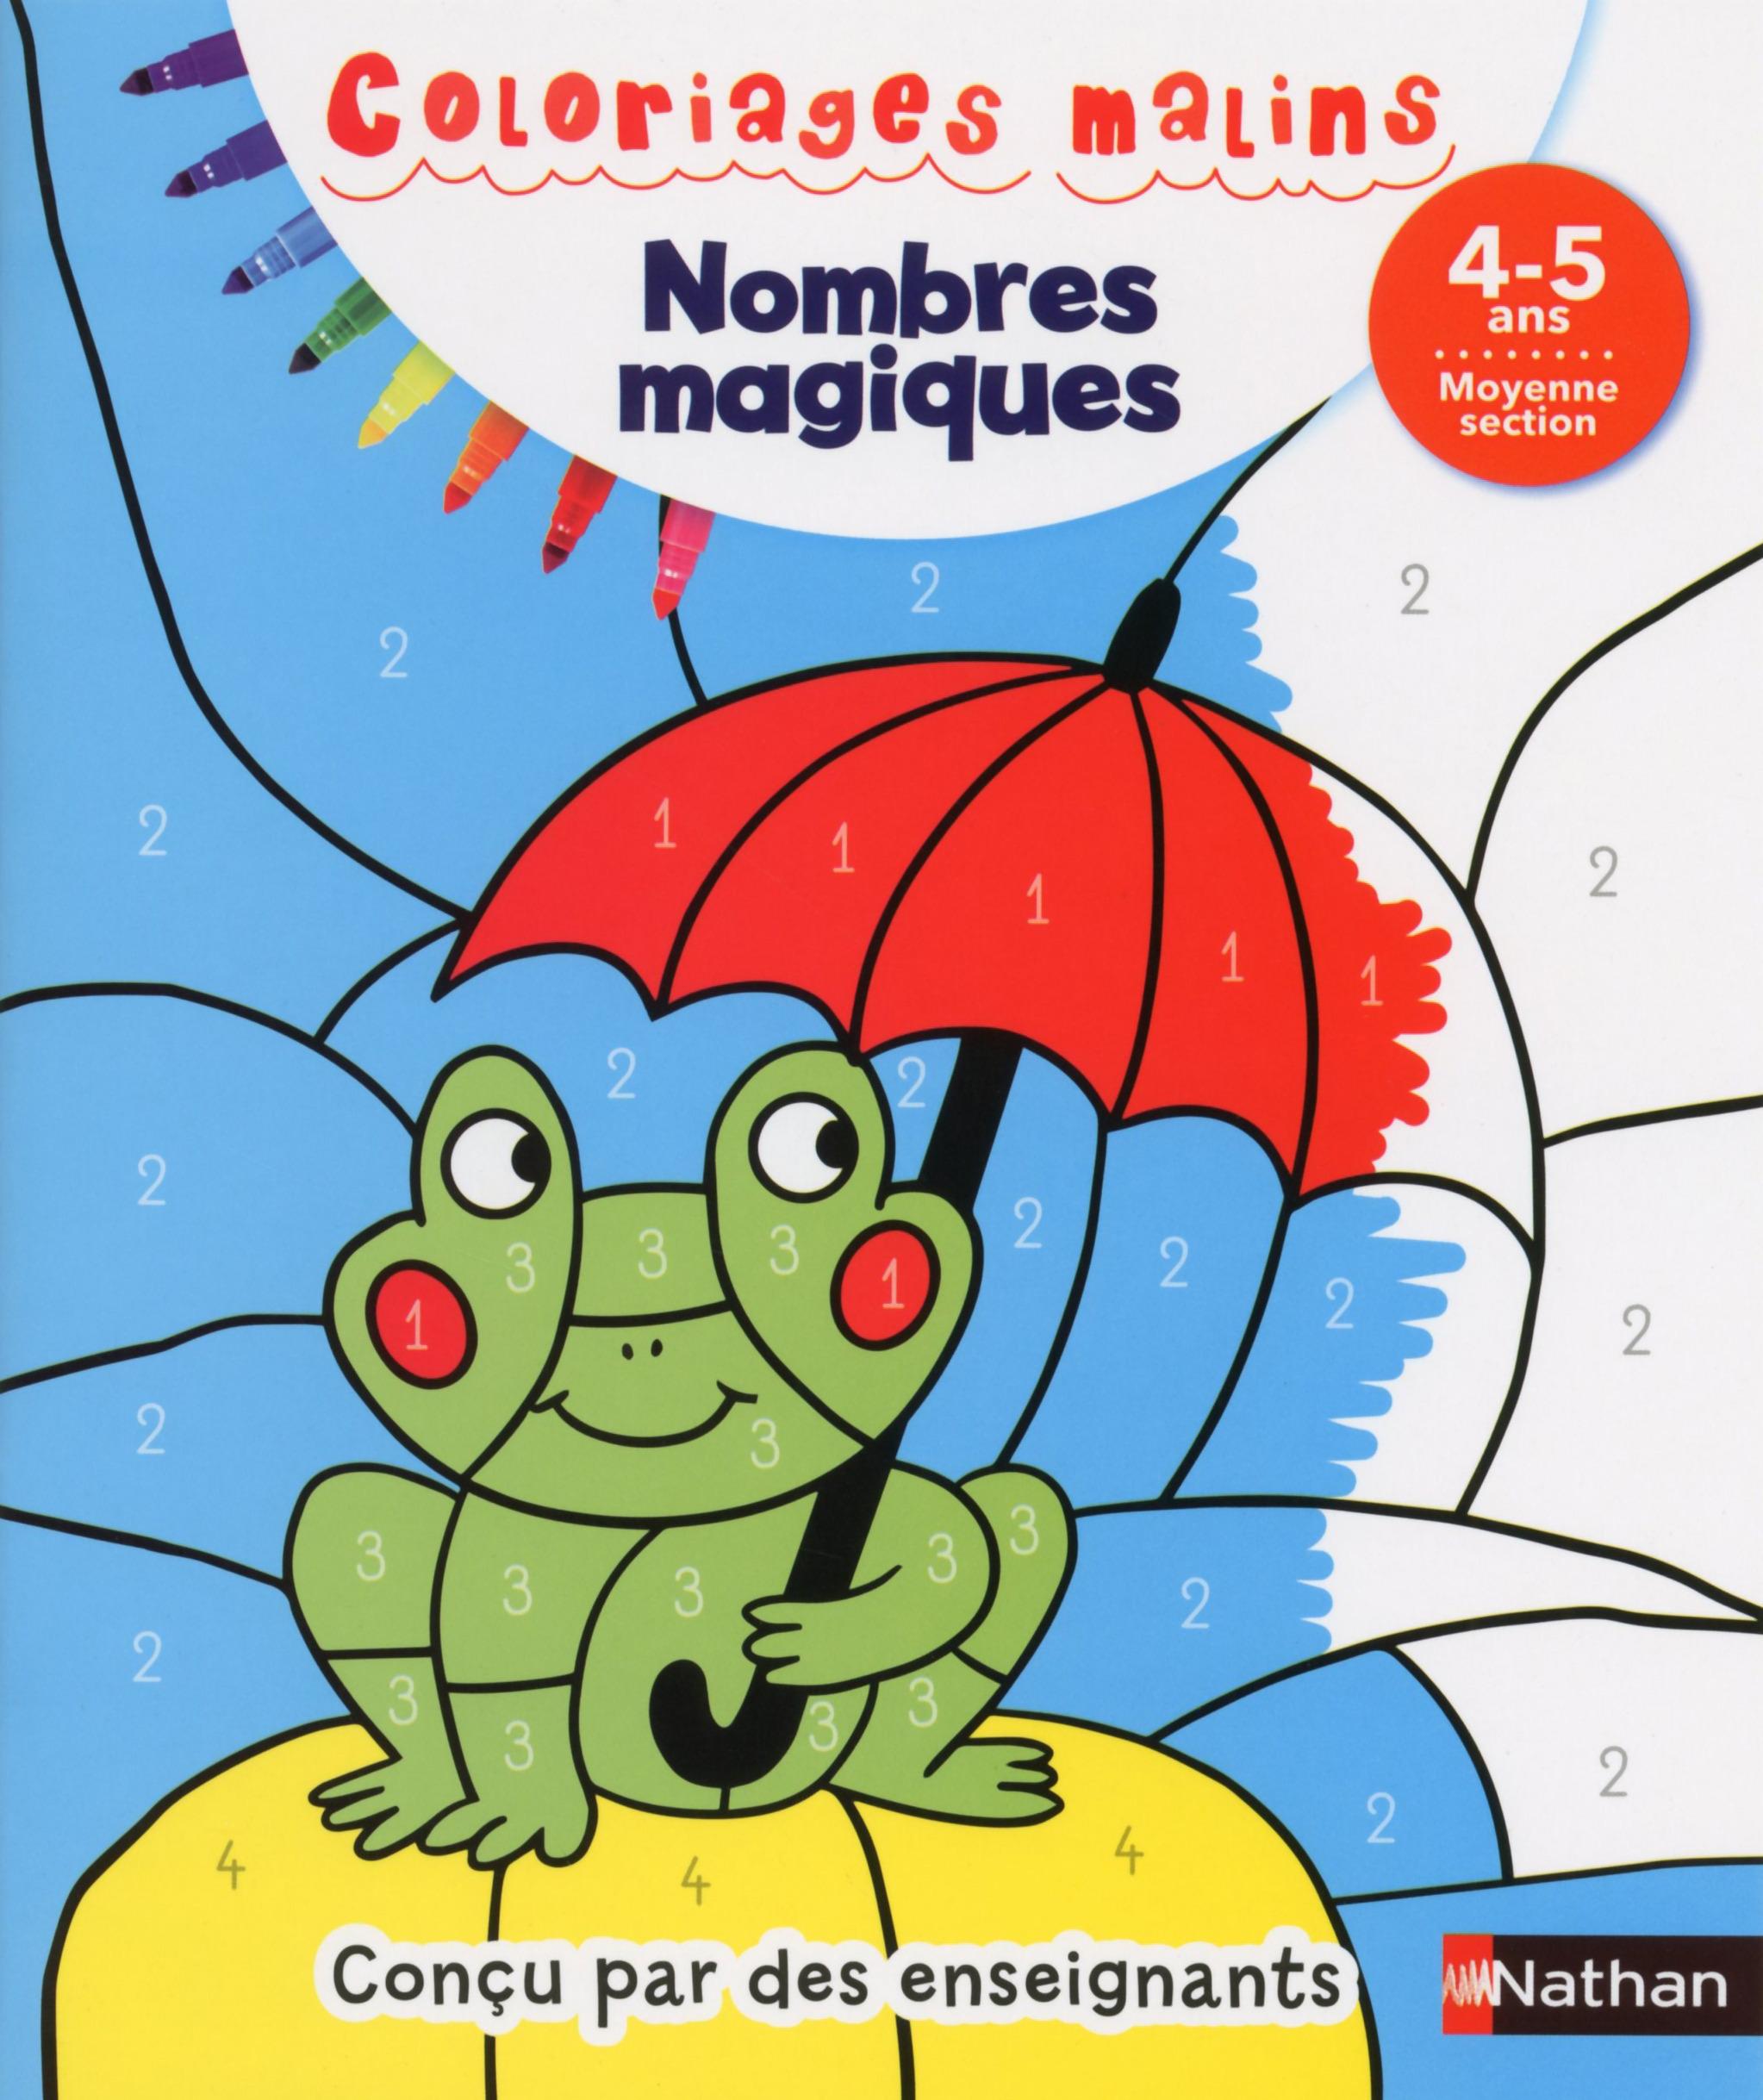 Coloriages malins - Nombres magiques moyenne section 4/5 ans